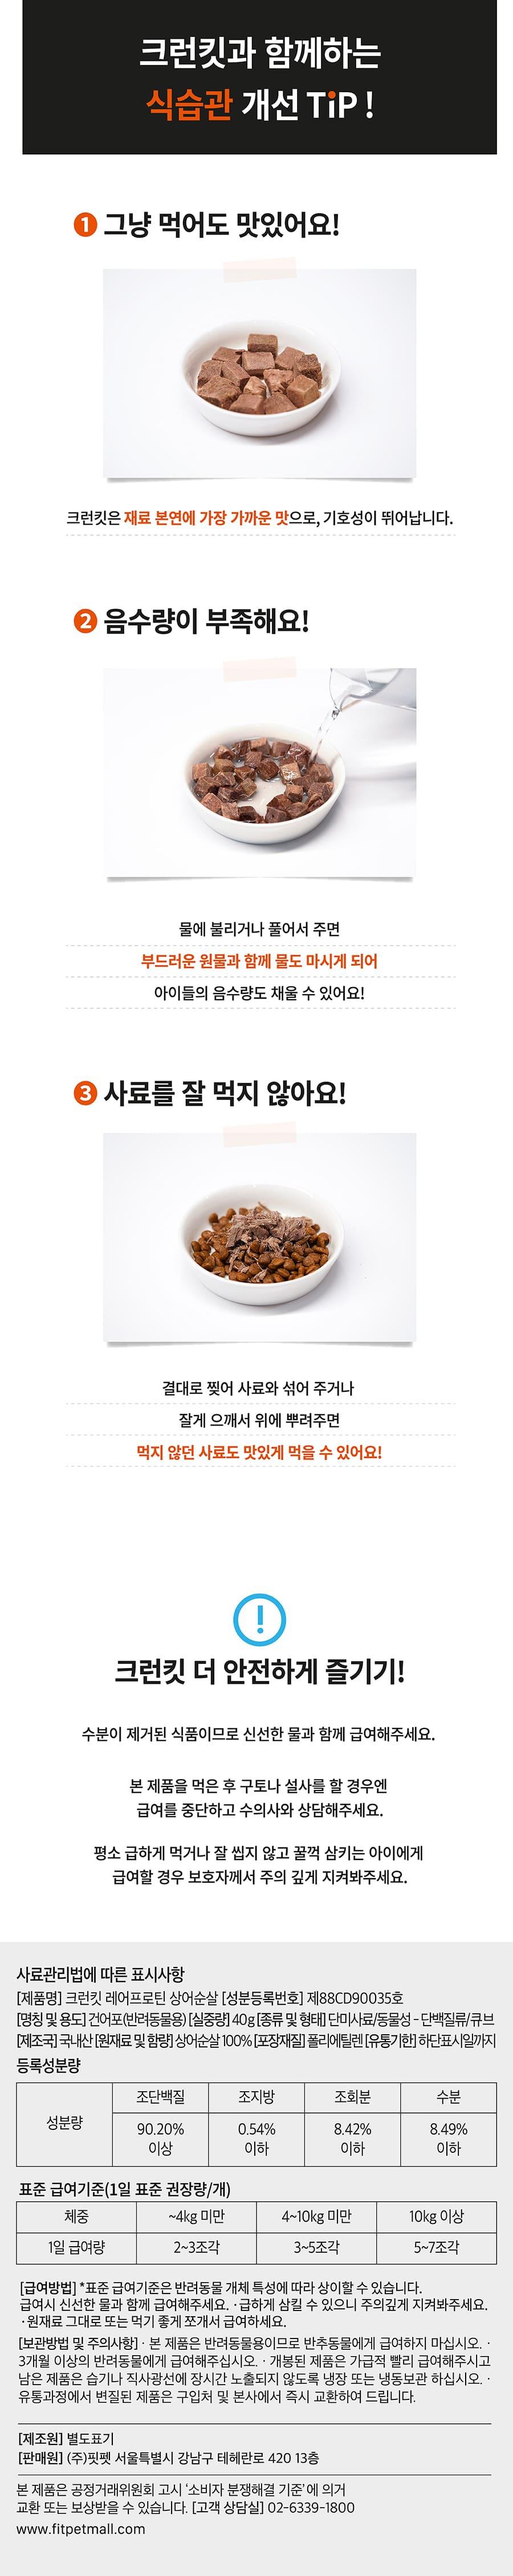 it 크런킷 레어프로틴 (열빙어/캥거루/상어순살/말고기/껍질연어)-상품이미지-15